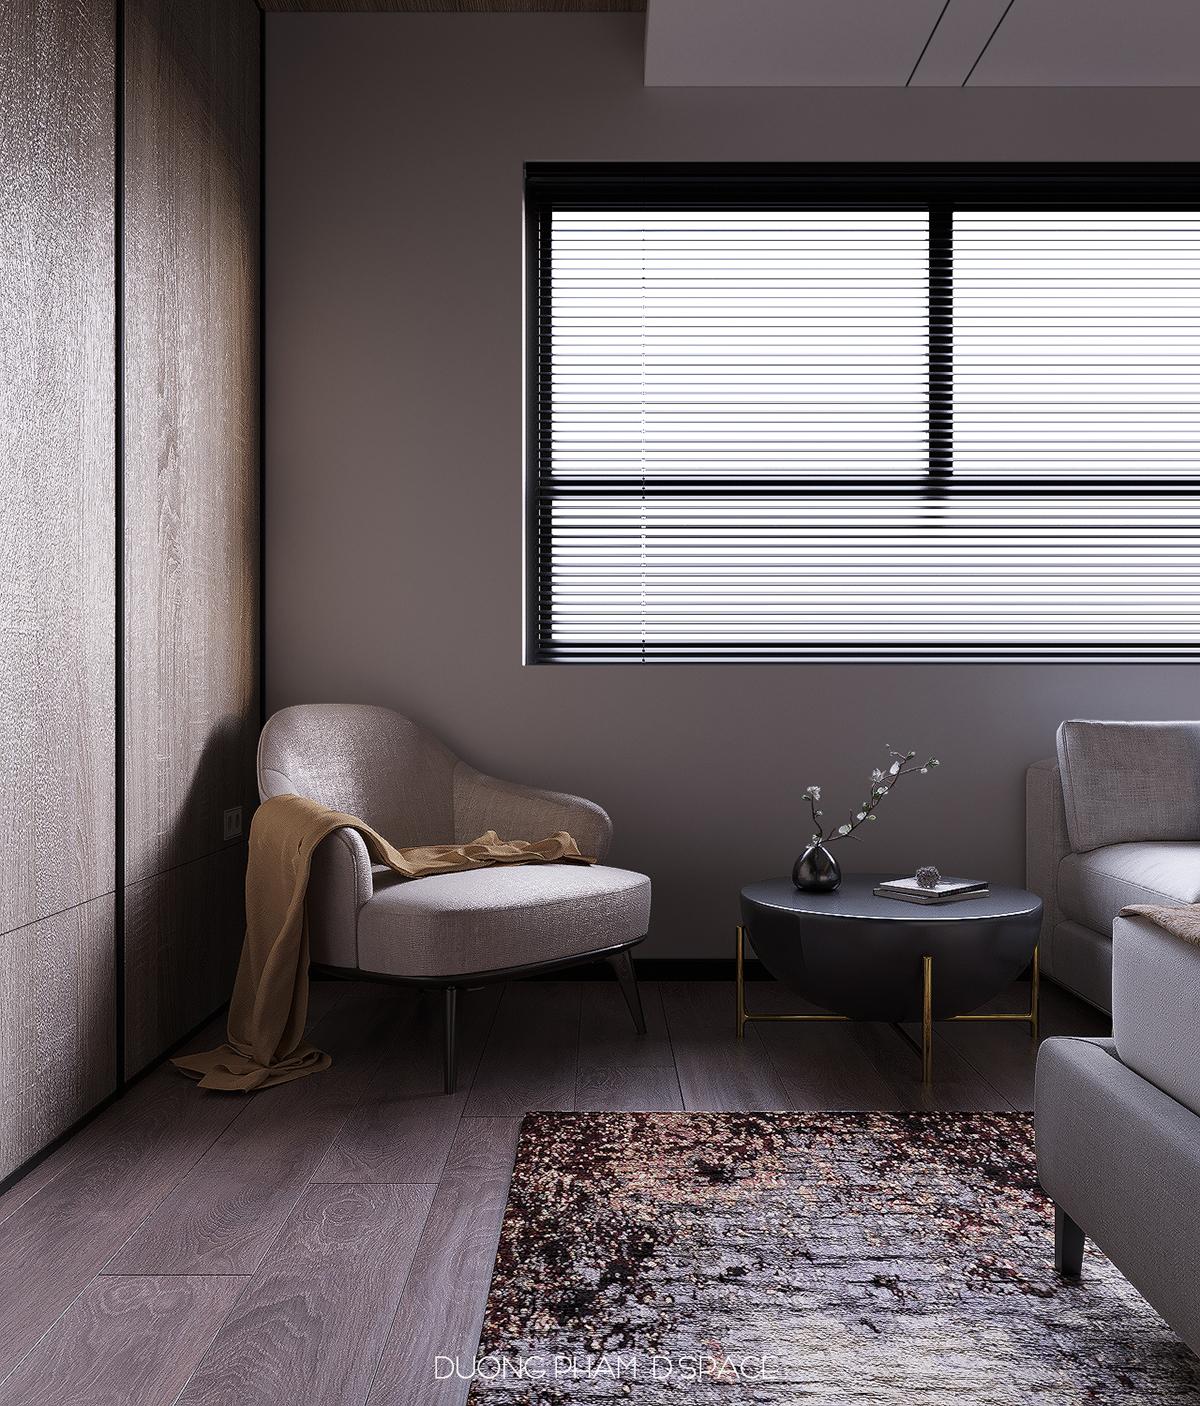 thiết kế nội thất chung cư tại Hồ Chí Minh Taiwan Apartment 8 1535512306